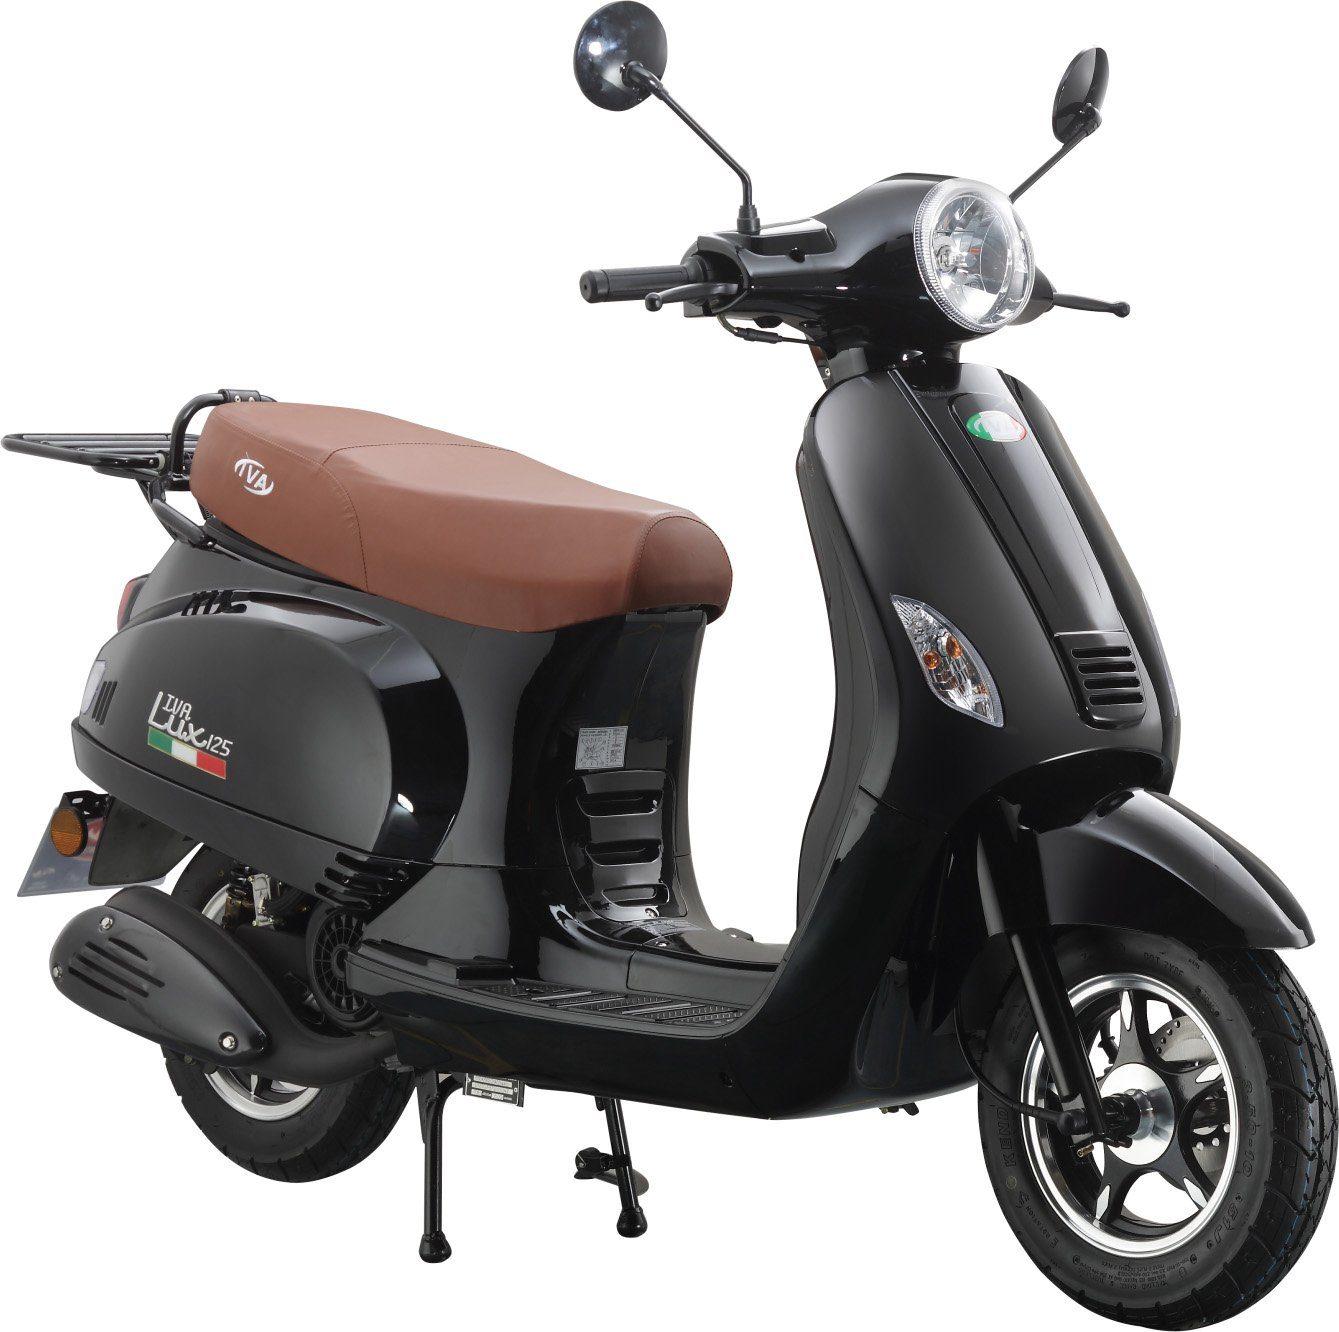 IVA Motorroller, 125 ccm 75 km/h, schwarz-glanz, »LUX«